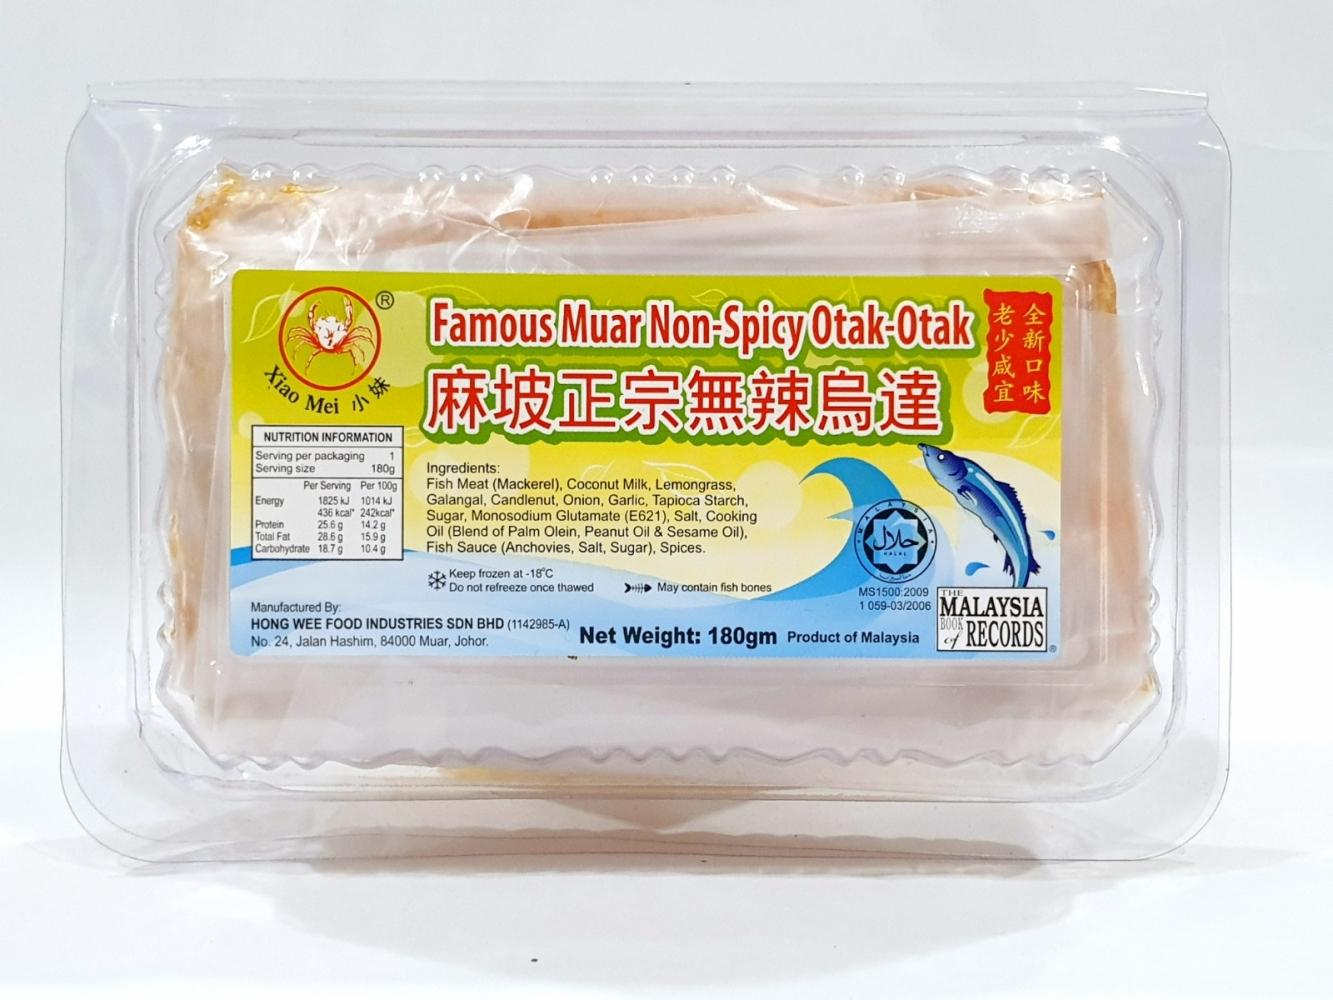 Xiao Mei Famous Muar Non-Spicy Otak-Otak